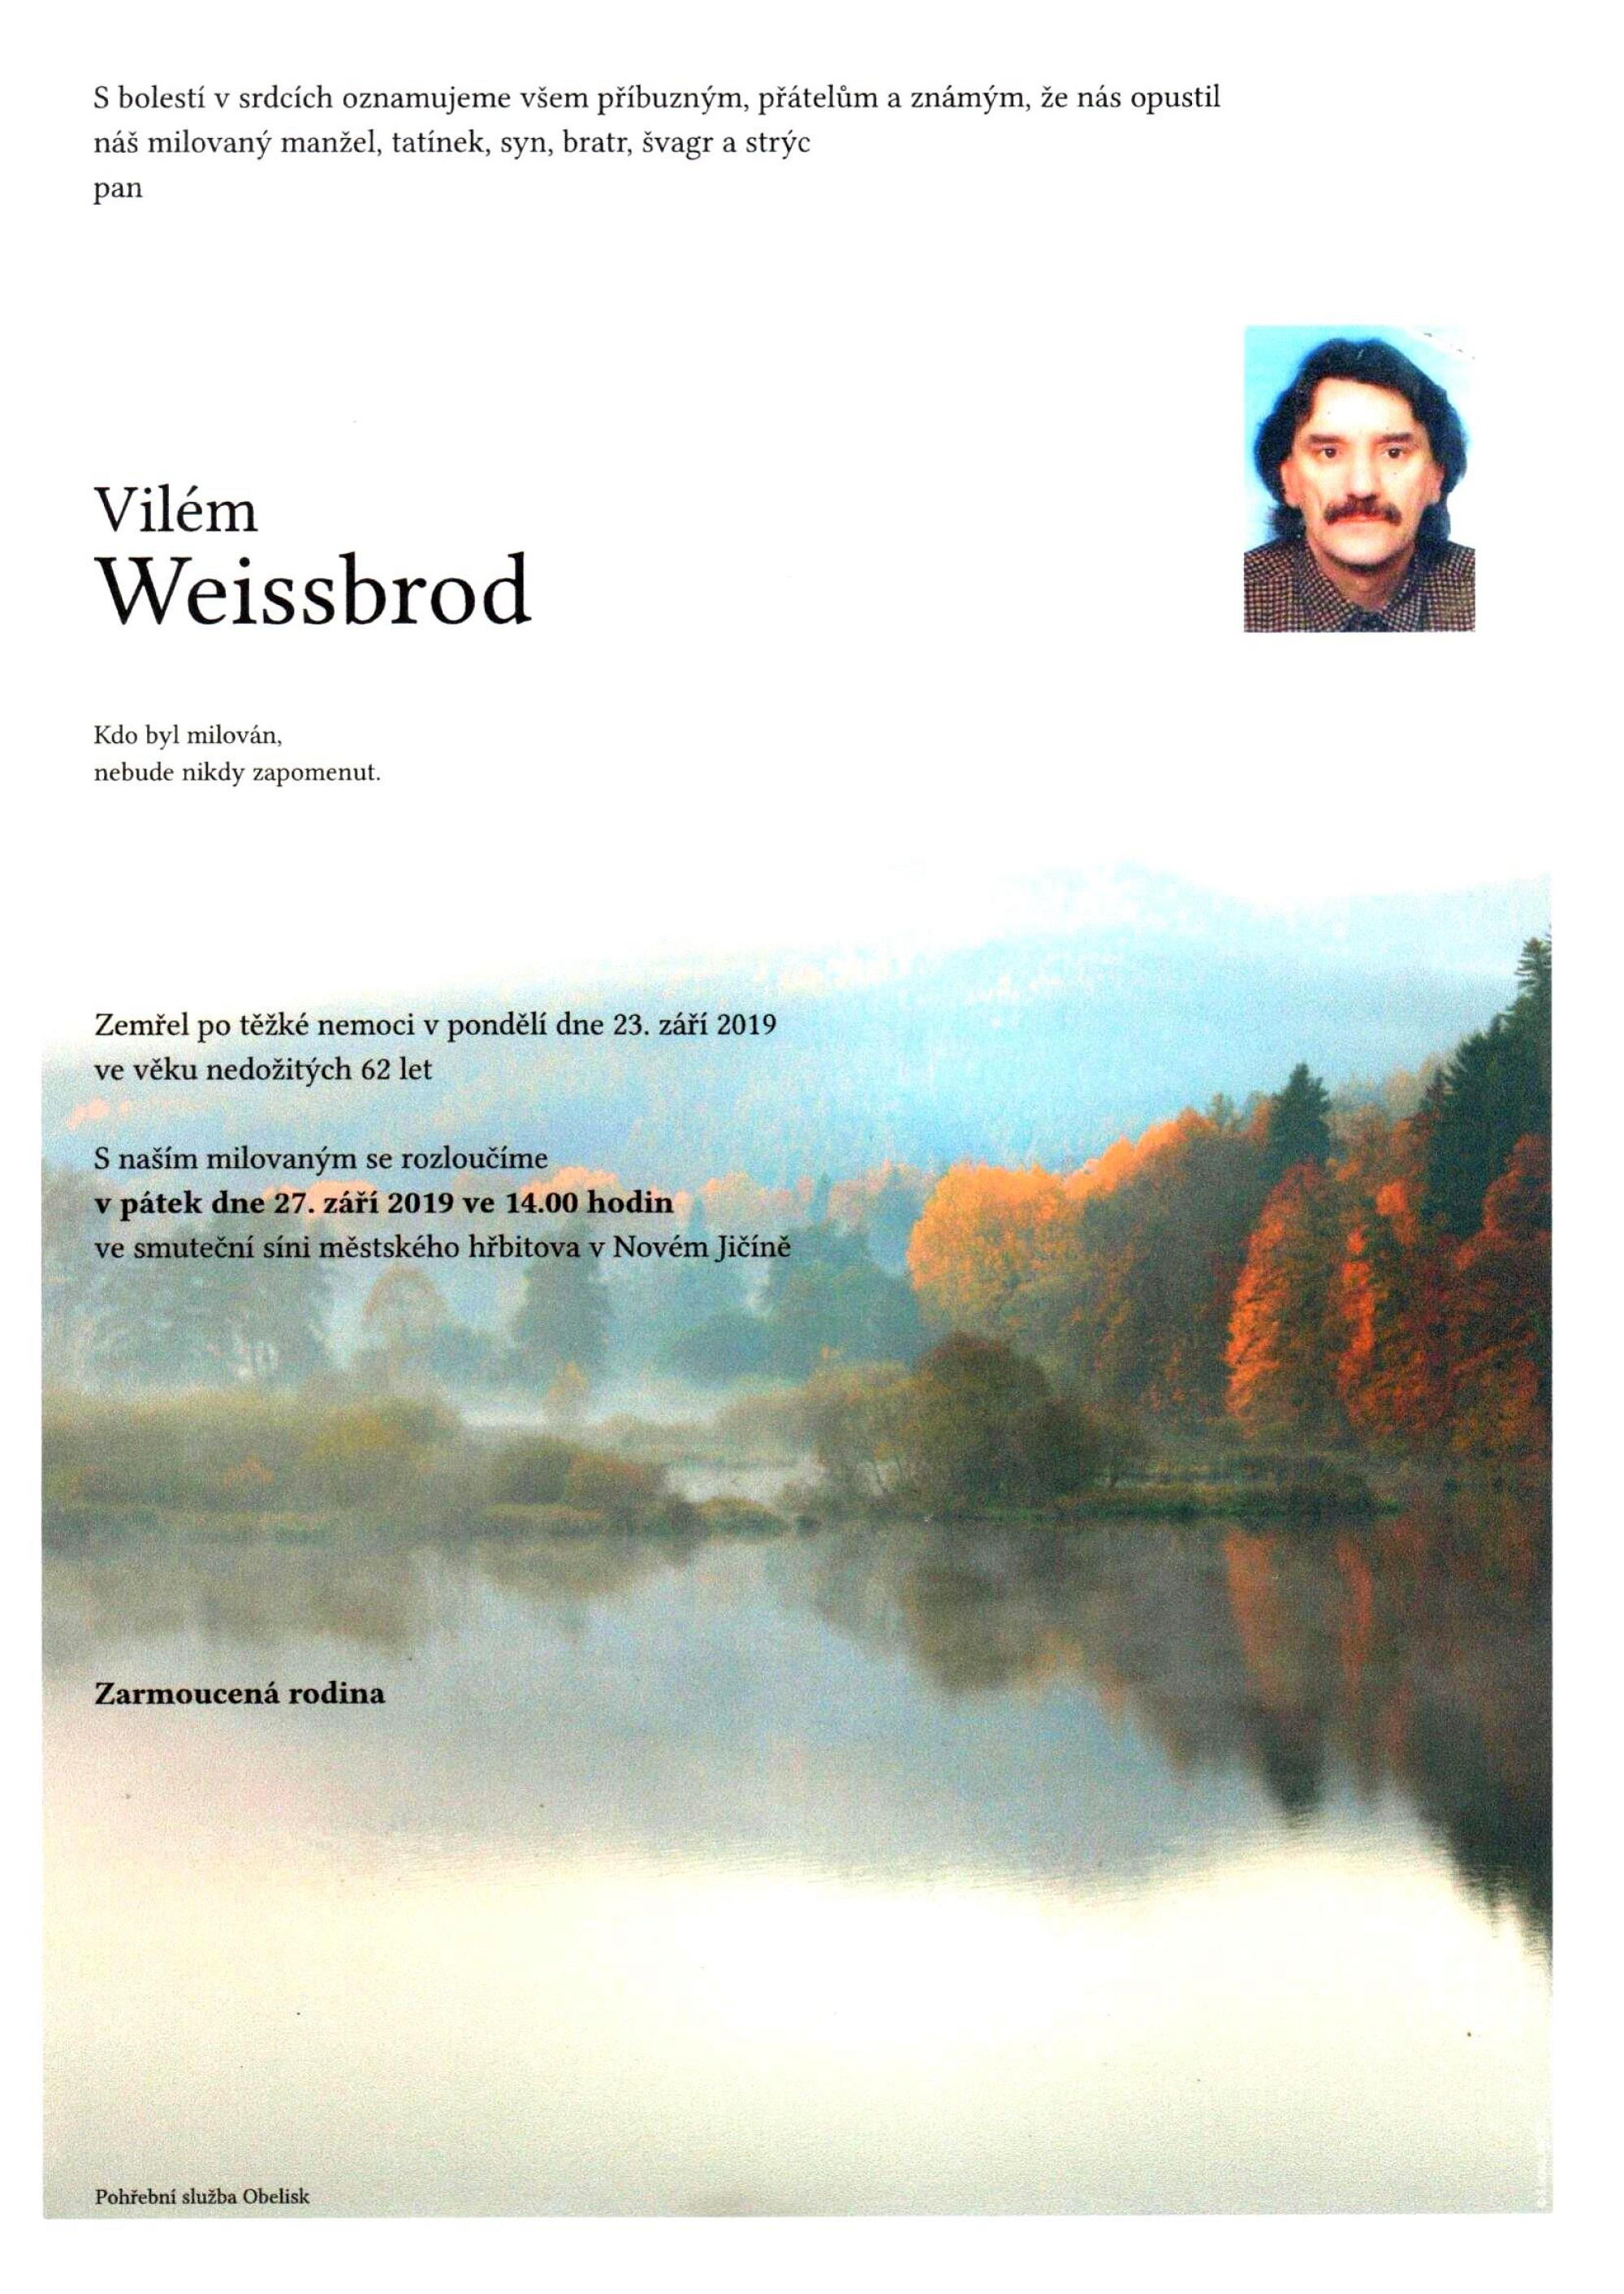 Vilém Weissbrod